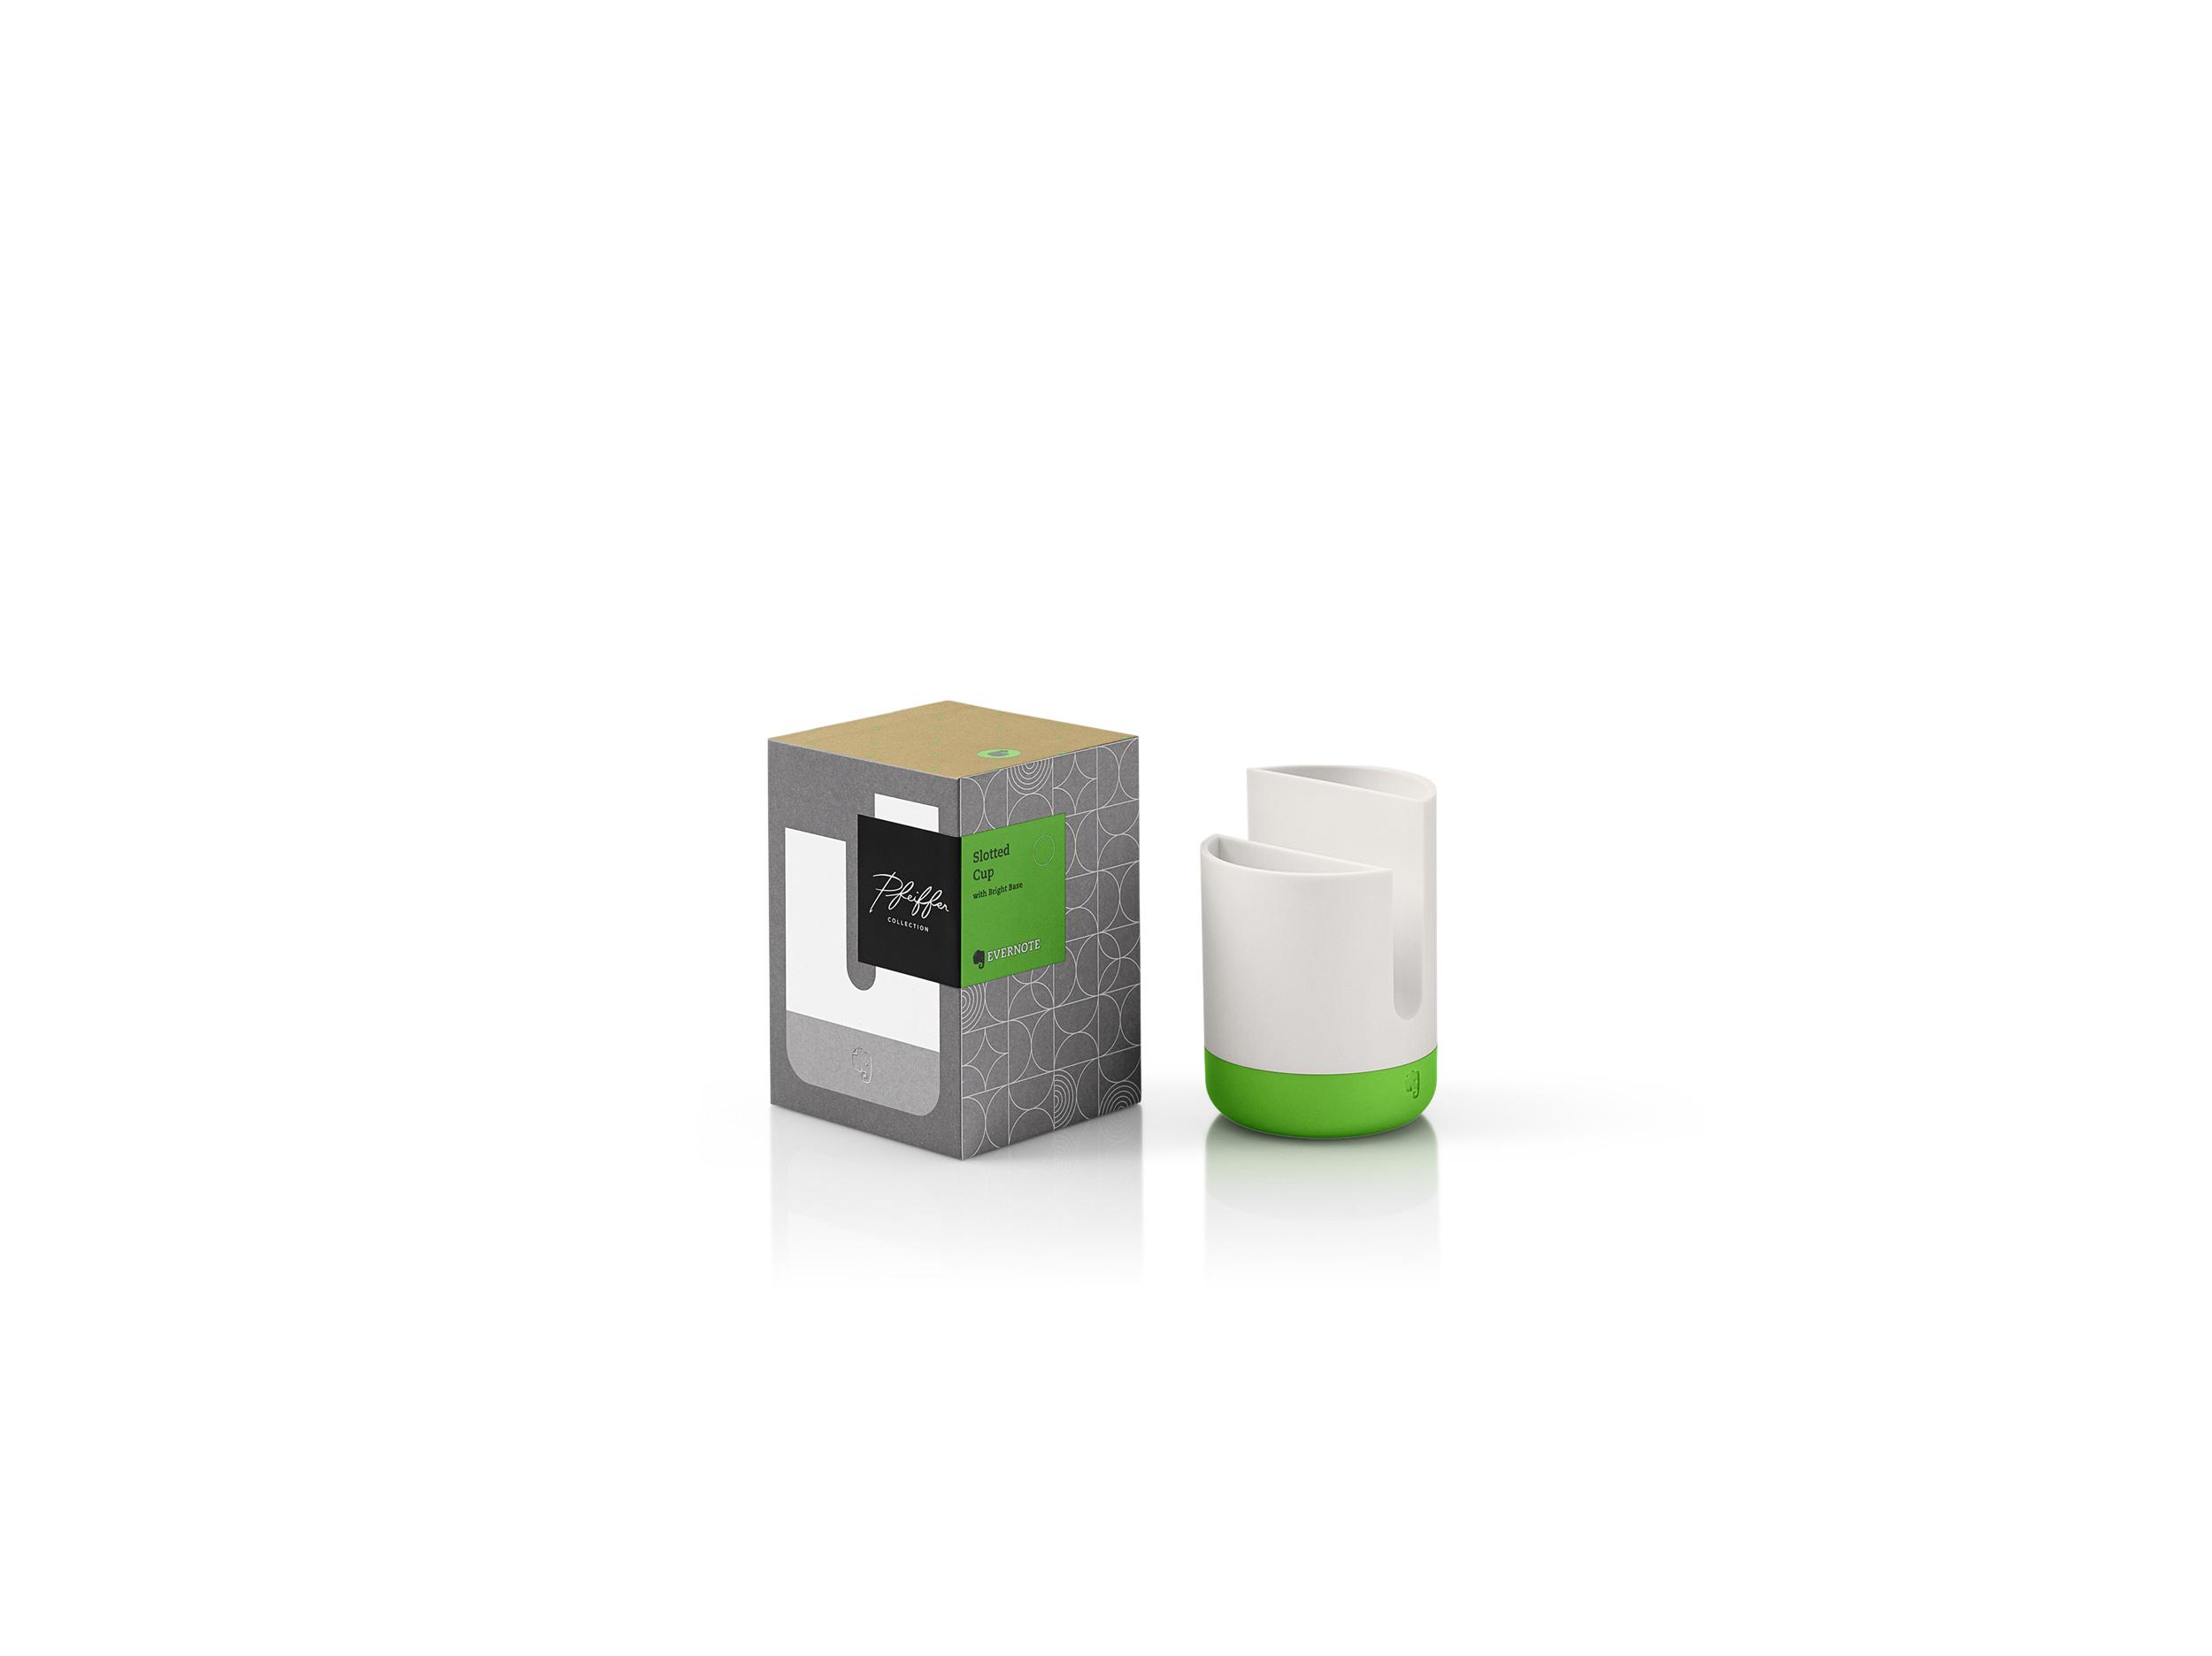 MKT14085_R1_Pfeiffer-Packaging-HERO4_MT_v1-FPO.jpg